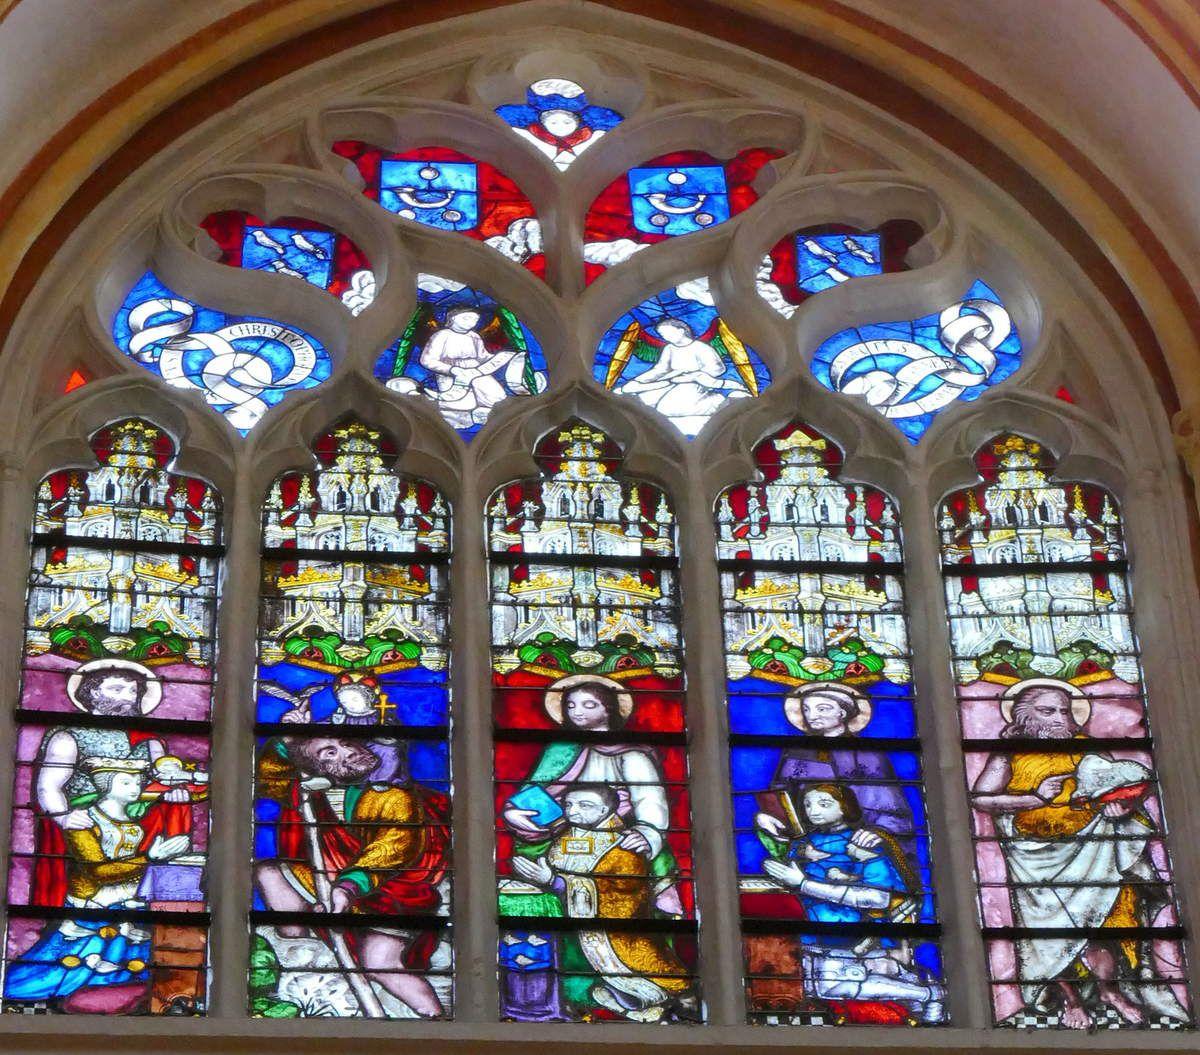 Baie n°128, troisième travée sud de la nef, cathédrale de Quimper, photographie lavieb-aile.